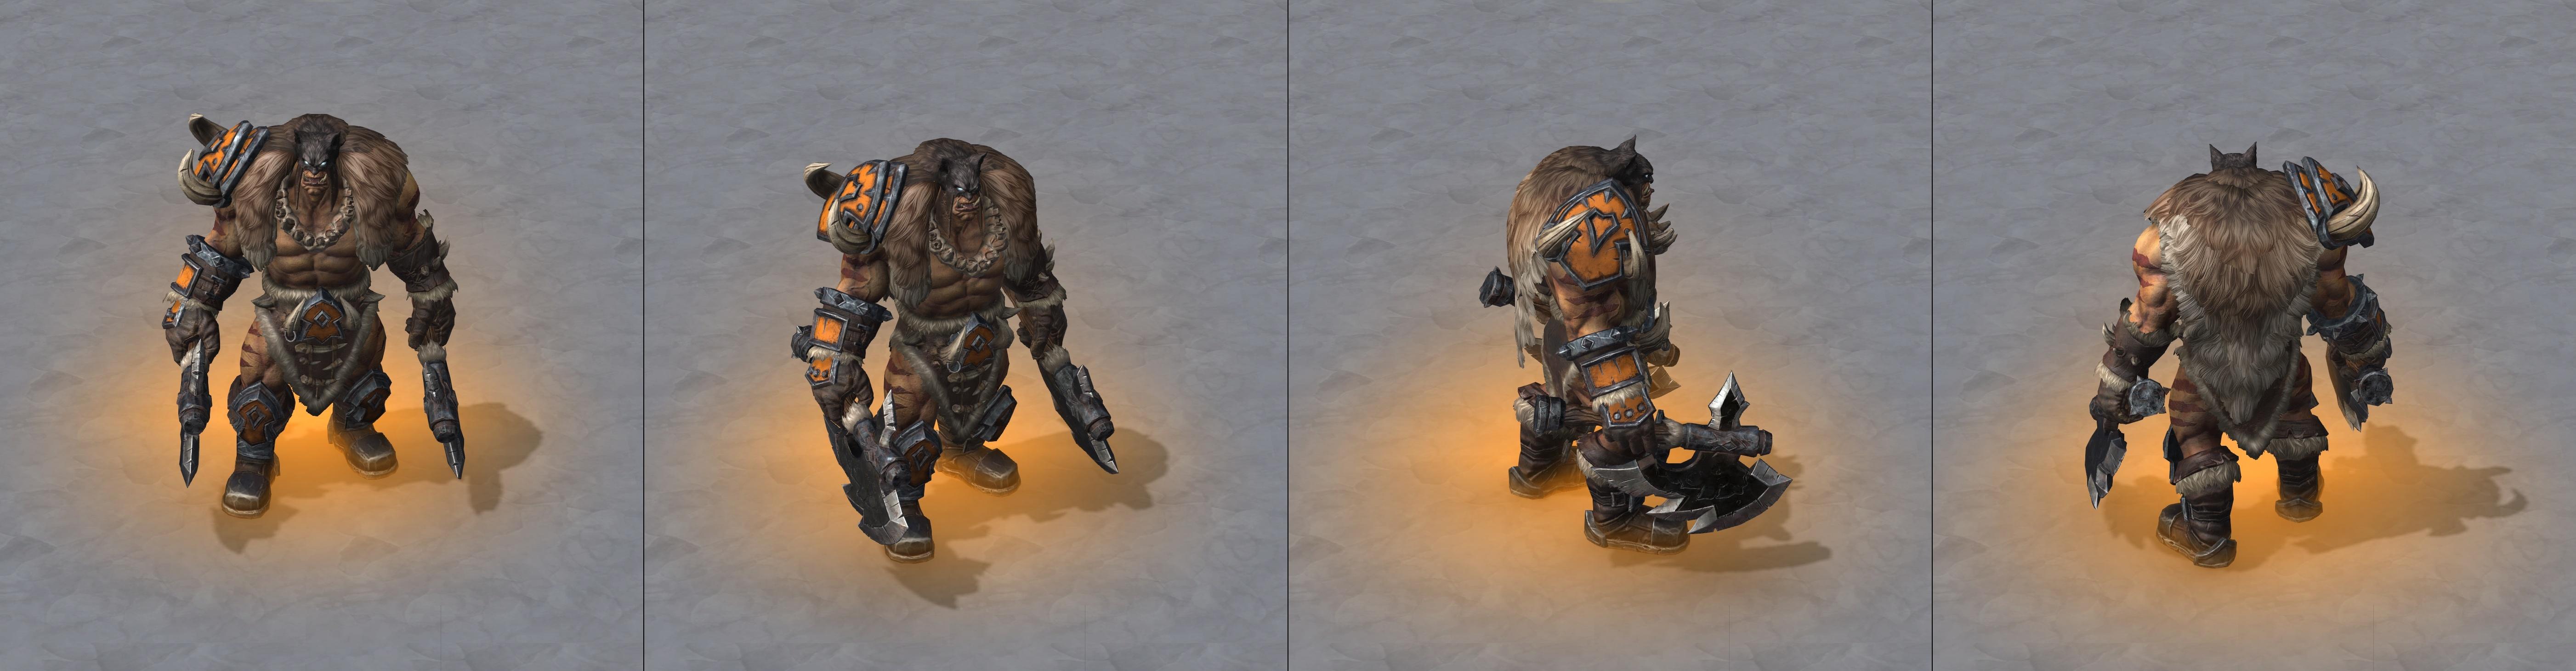 Утечка: озвучка и модели Сильваны, Артаса, Джайны и других персонажей Wacraft III: Reforged 5